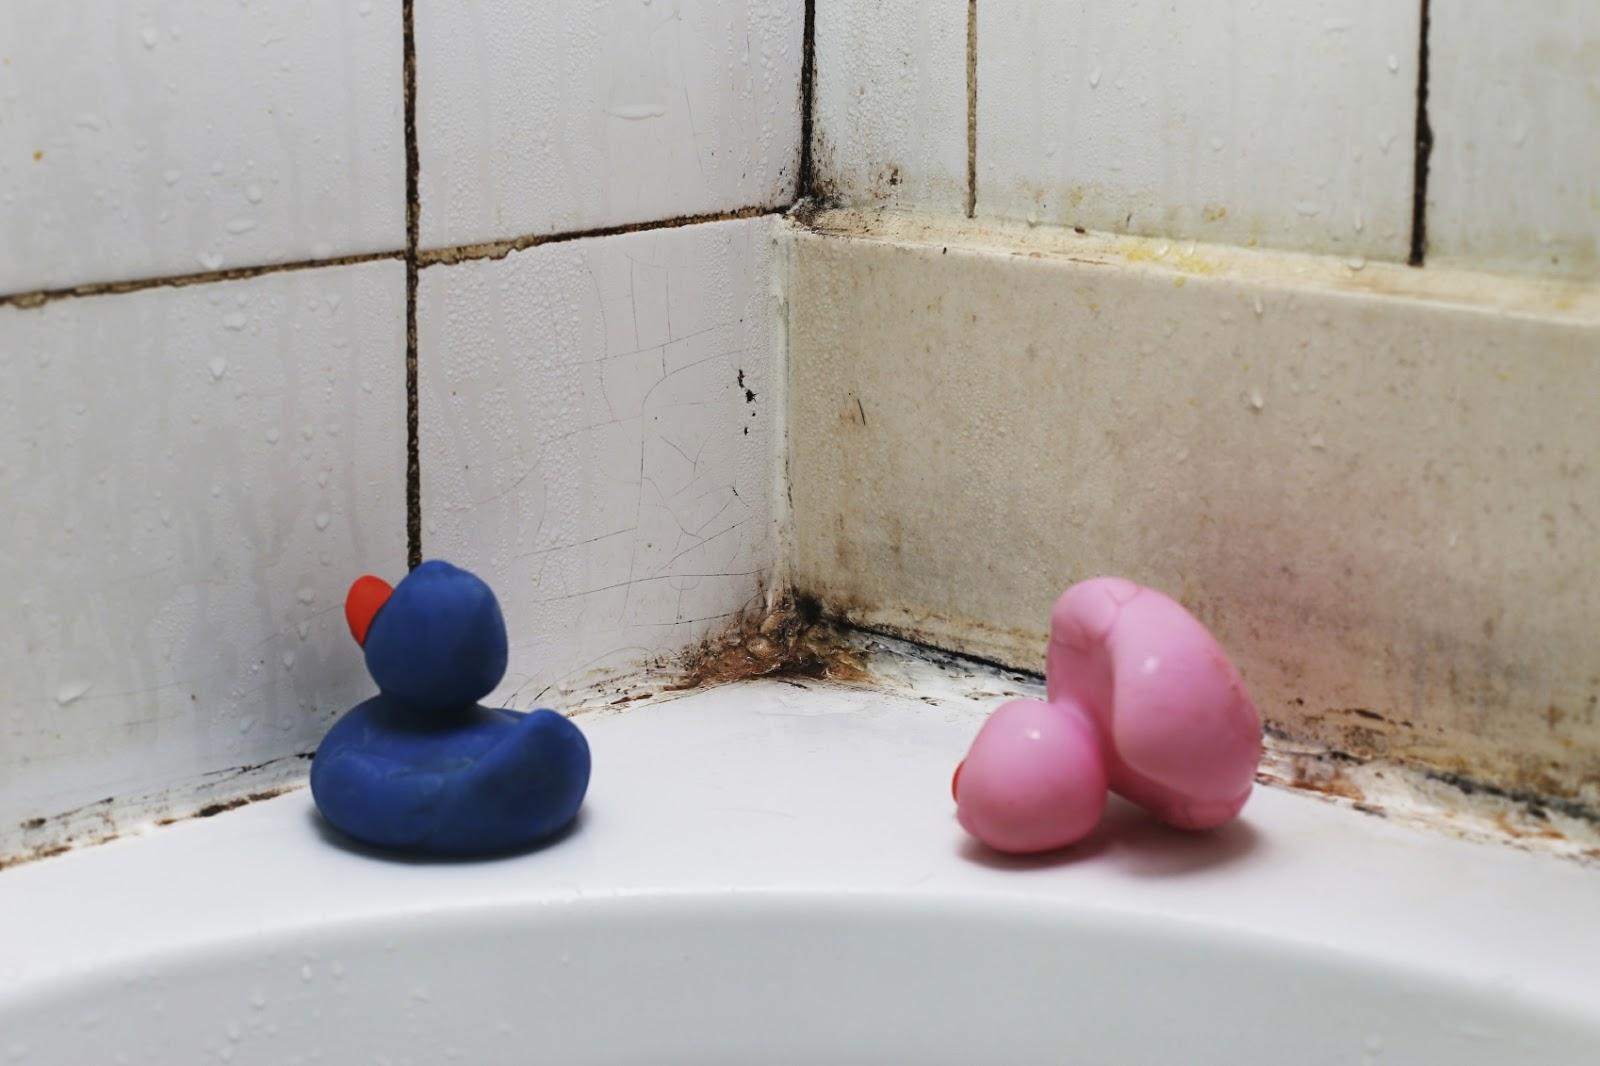 Как избавиться от плесени в ванной: видео